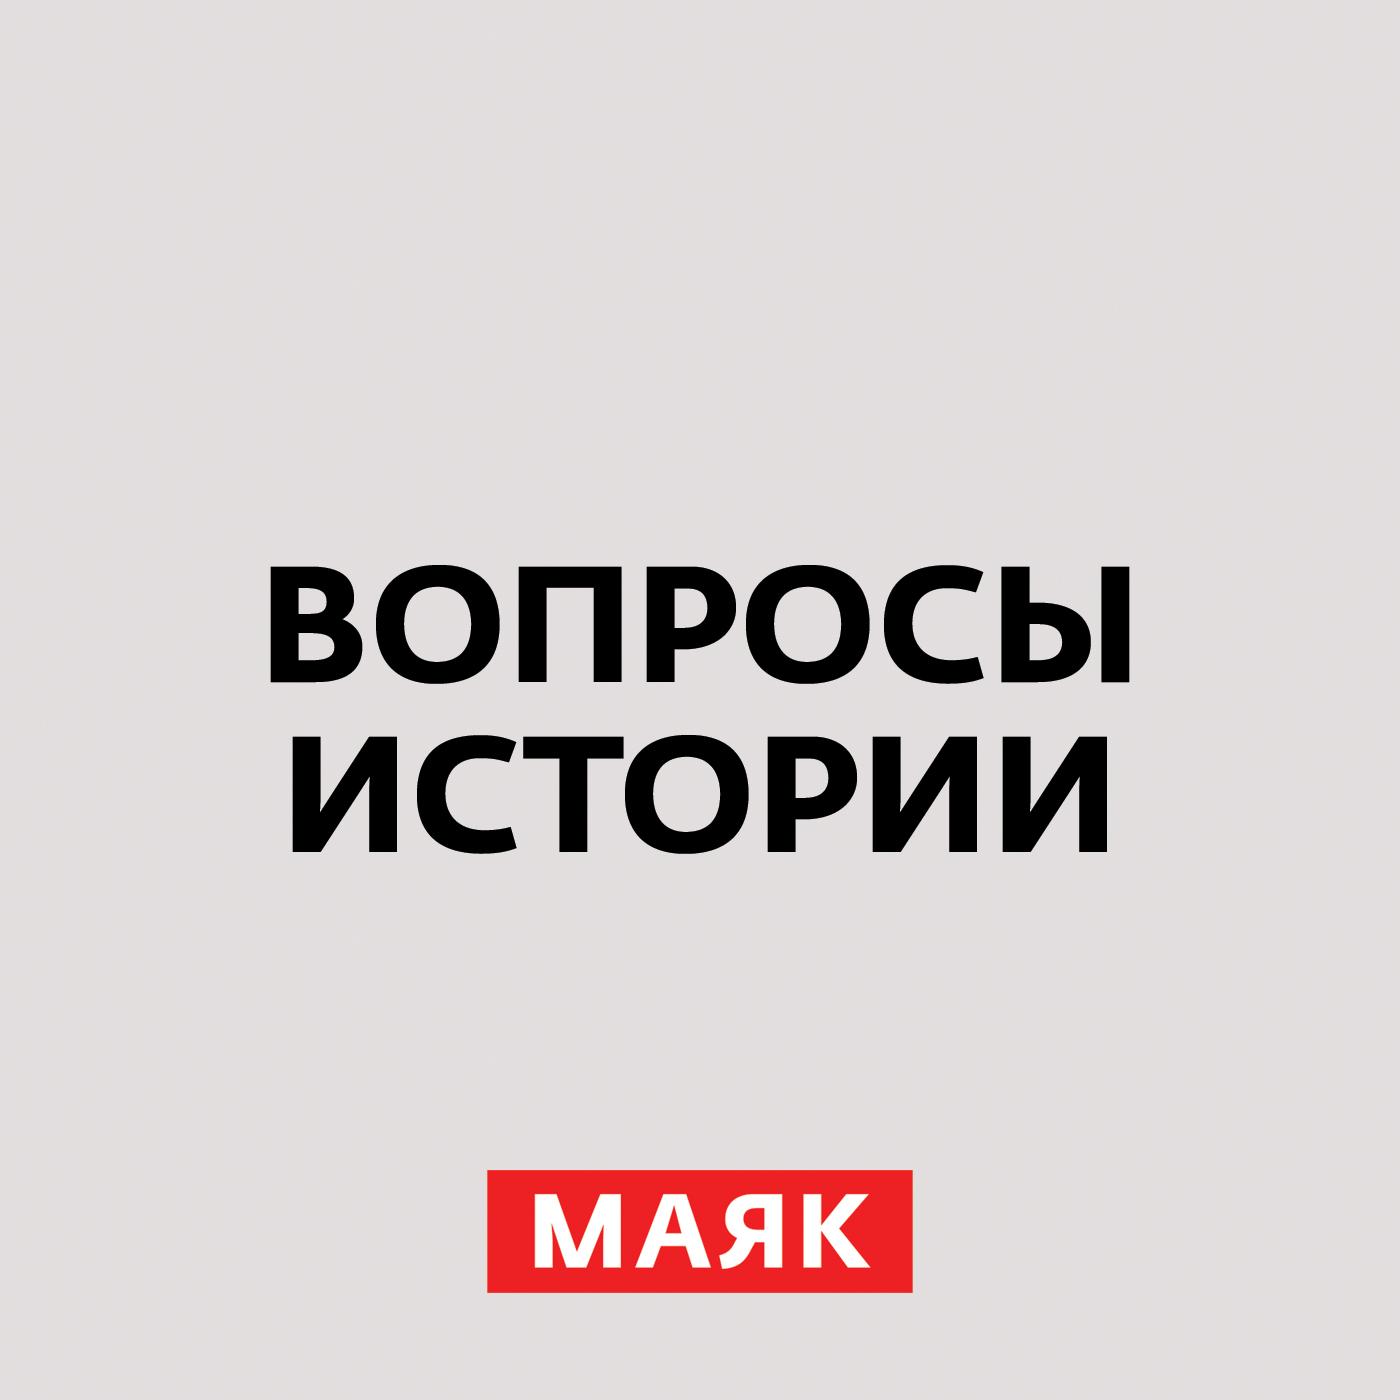 Андрей Светенко В 1993 году в России сделали несанкционированный ремонт цены